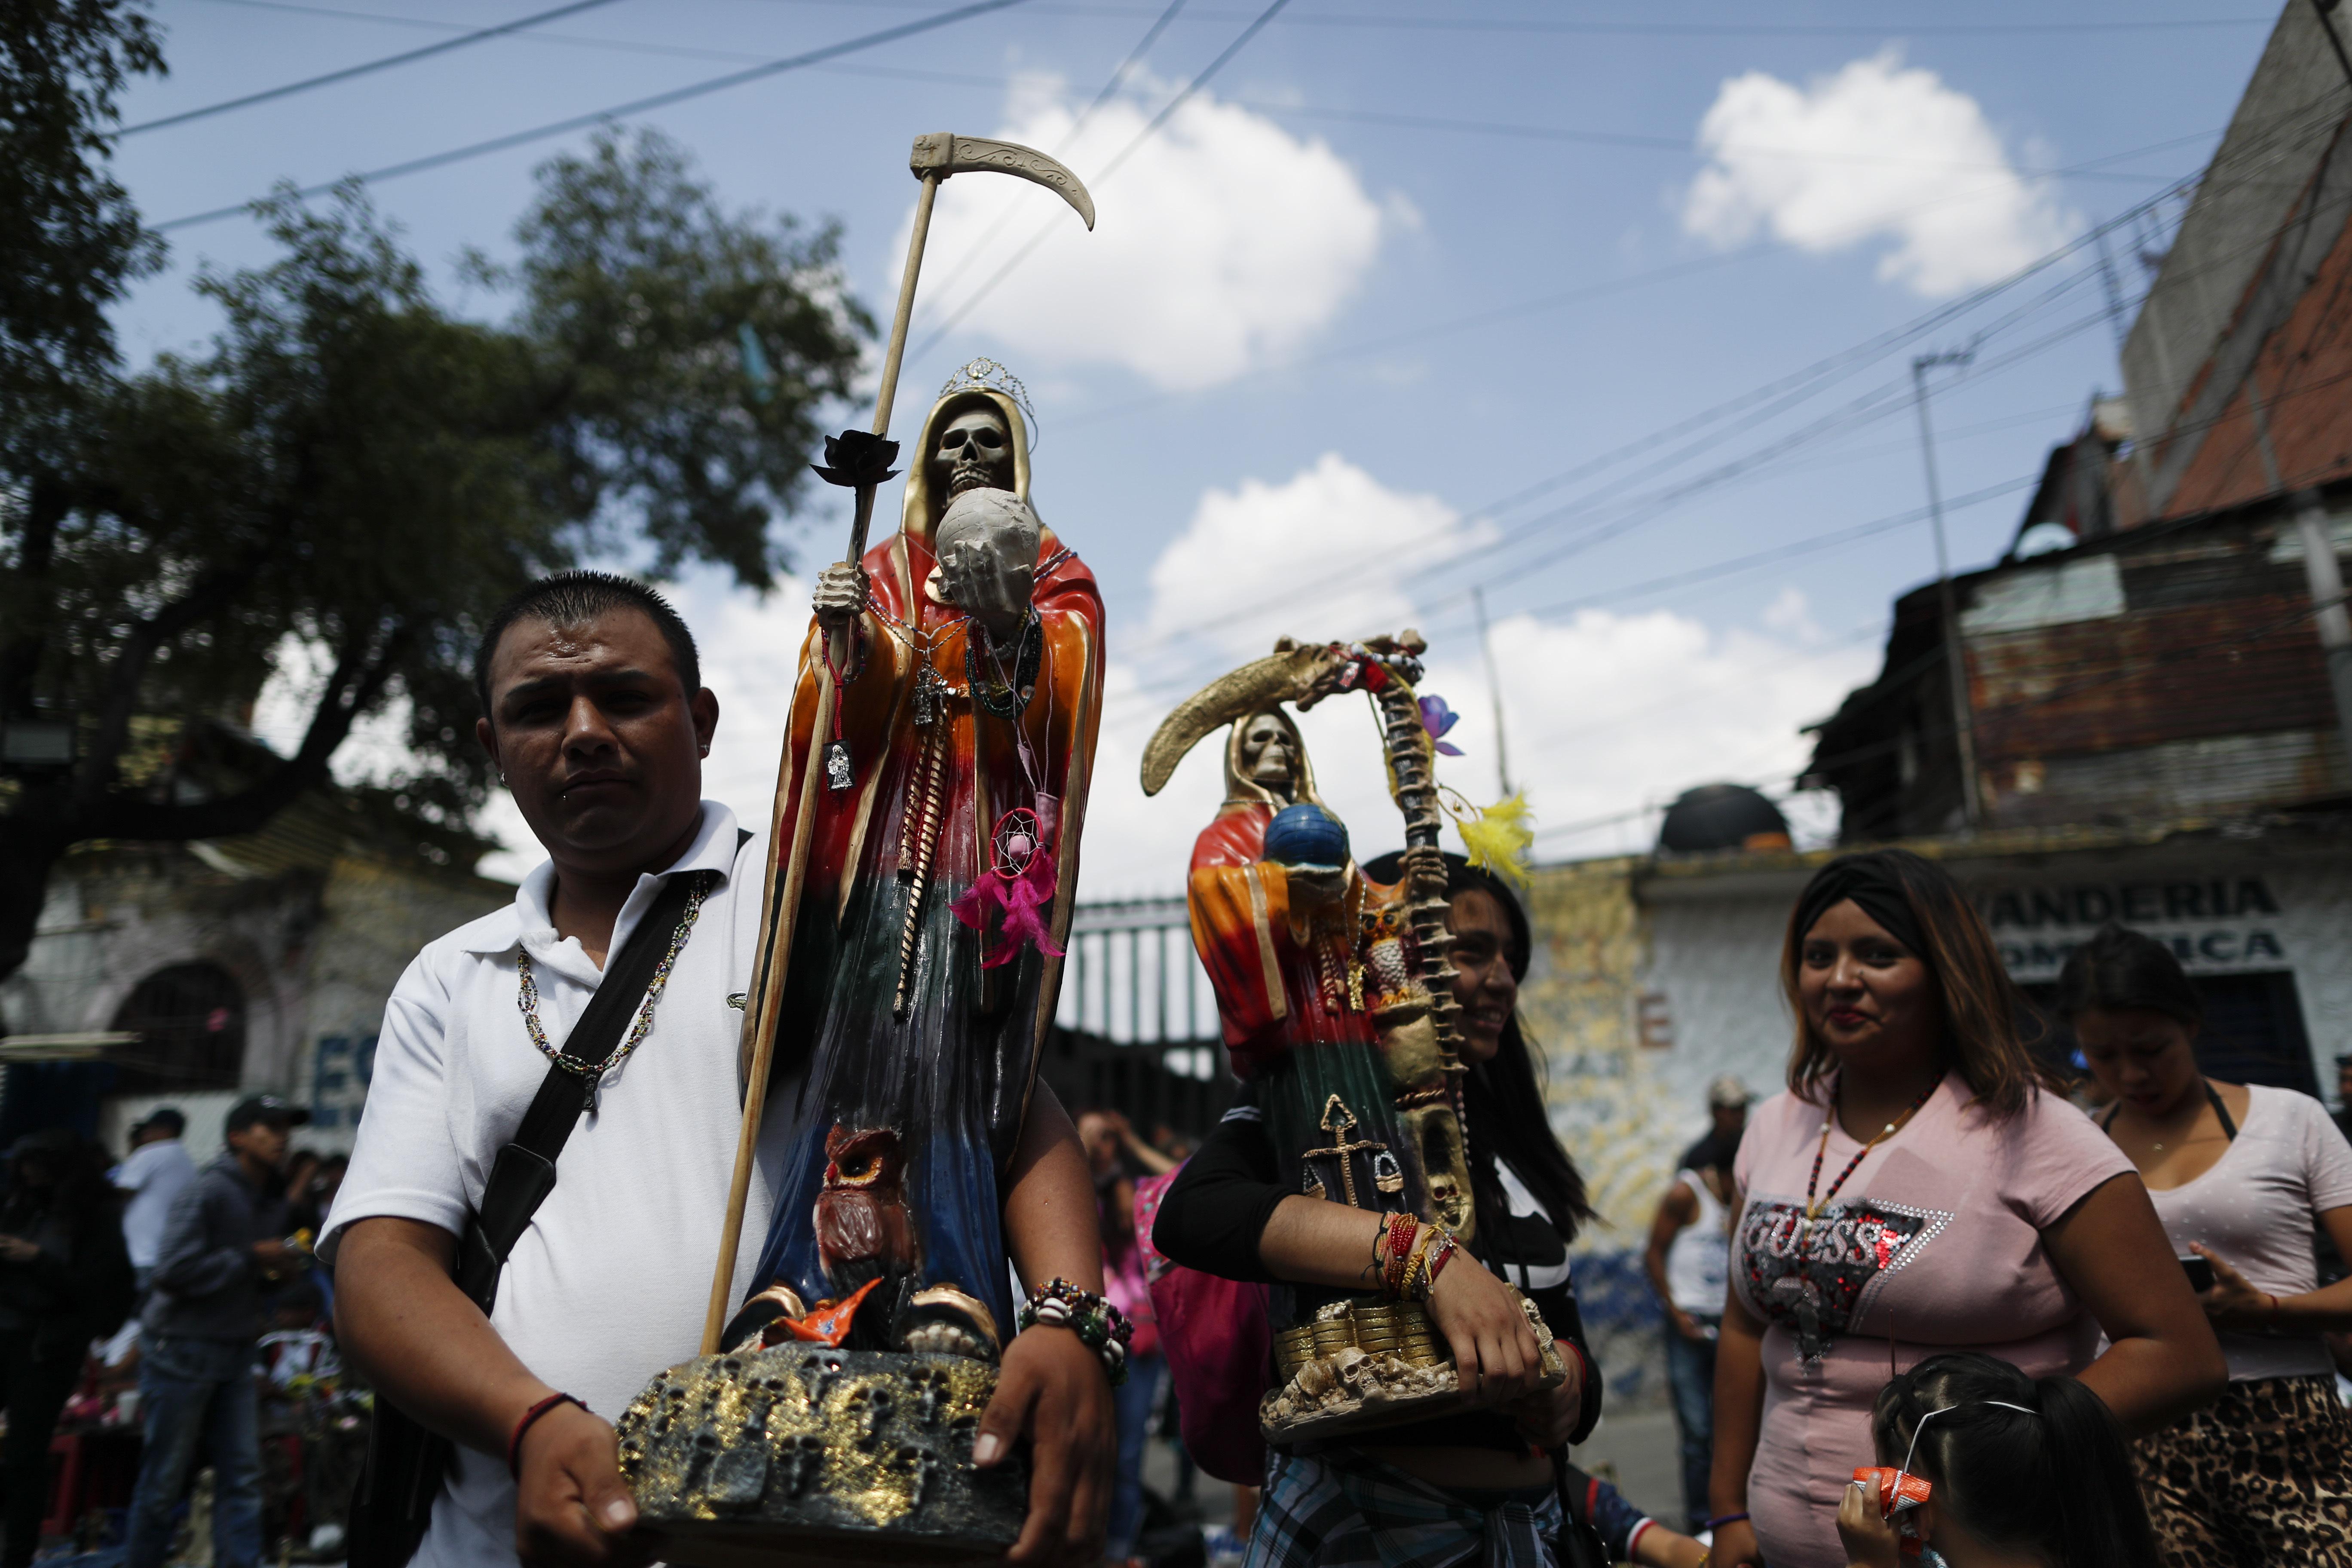 Los devotos llevan estatuas de la Santa Muerte mientras esperan en la fila para presentar sus respetos en su altar en el barrio de Tepito, Ciudad de México, el lunes 1 de junio de 2020. (Foto: AP / Rebecca Blackwell)